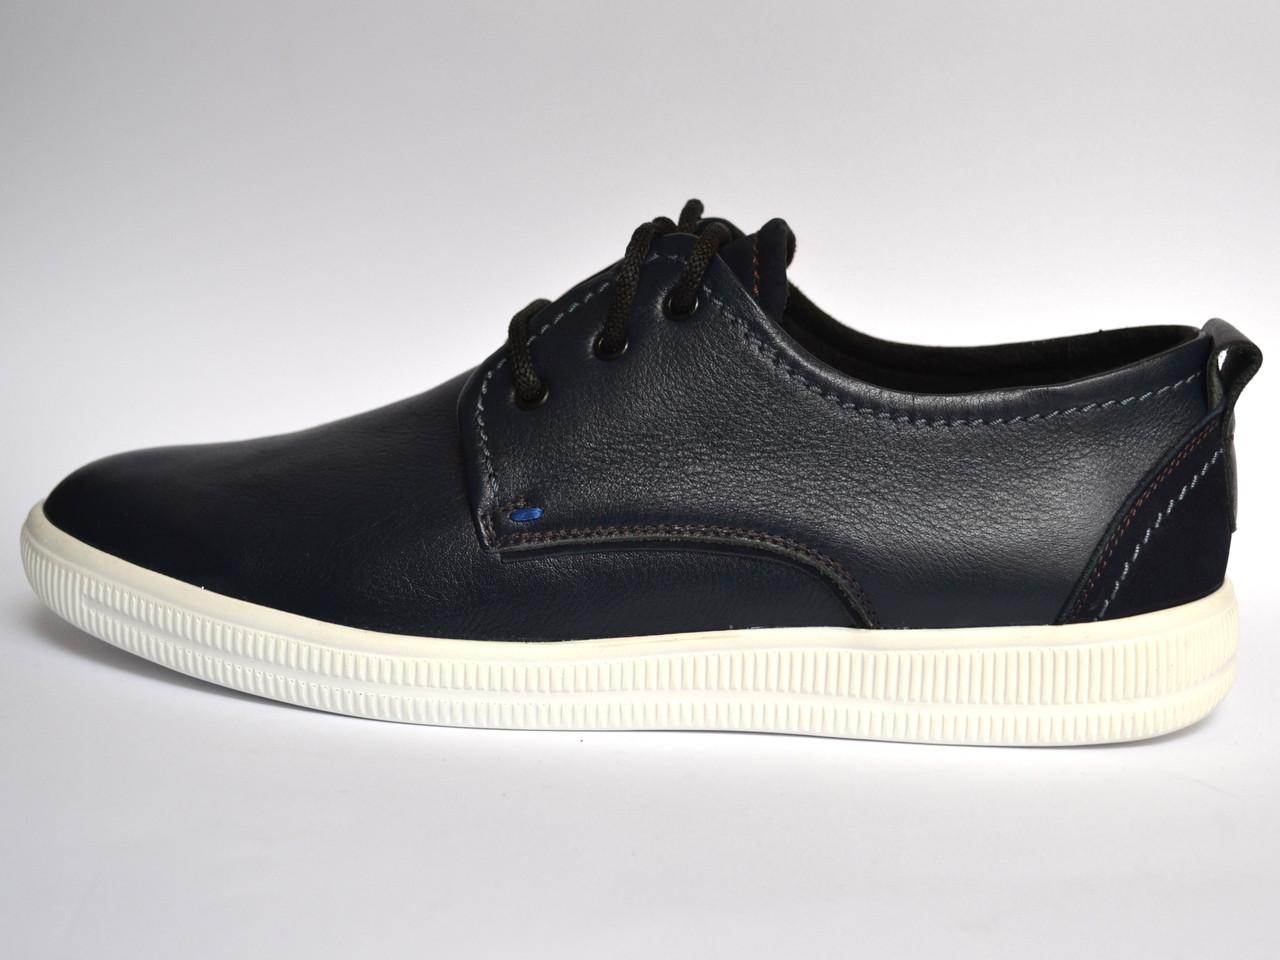 f4245692 Кожаные кроссовки мужские слипоны Rosso Avangard OrigSlipy Black&White  черные. -